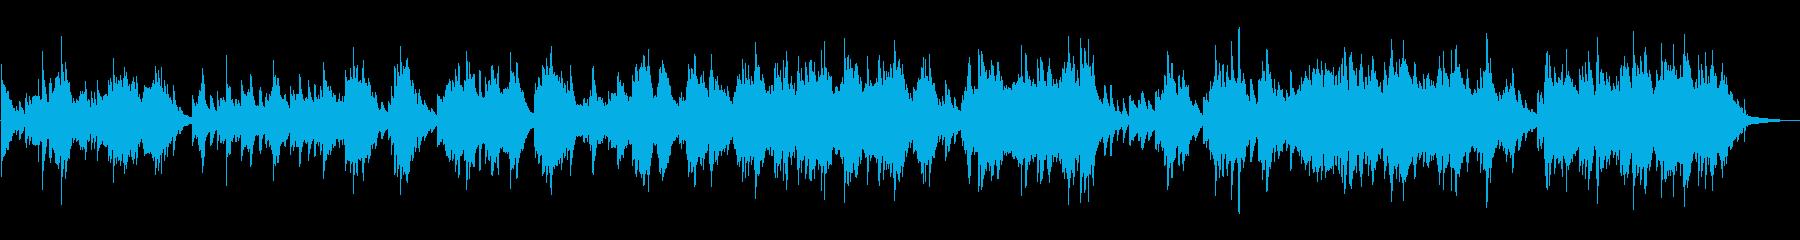 ピアノの旋律が綺麗なピアノソロの再生済みの波形